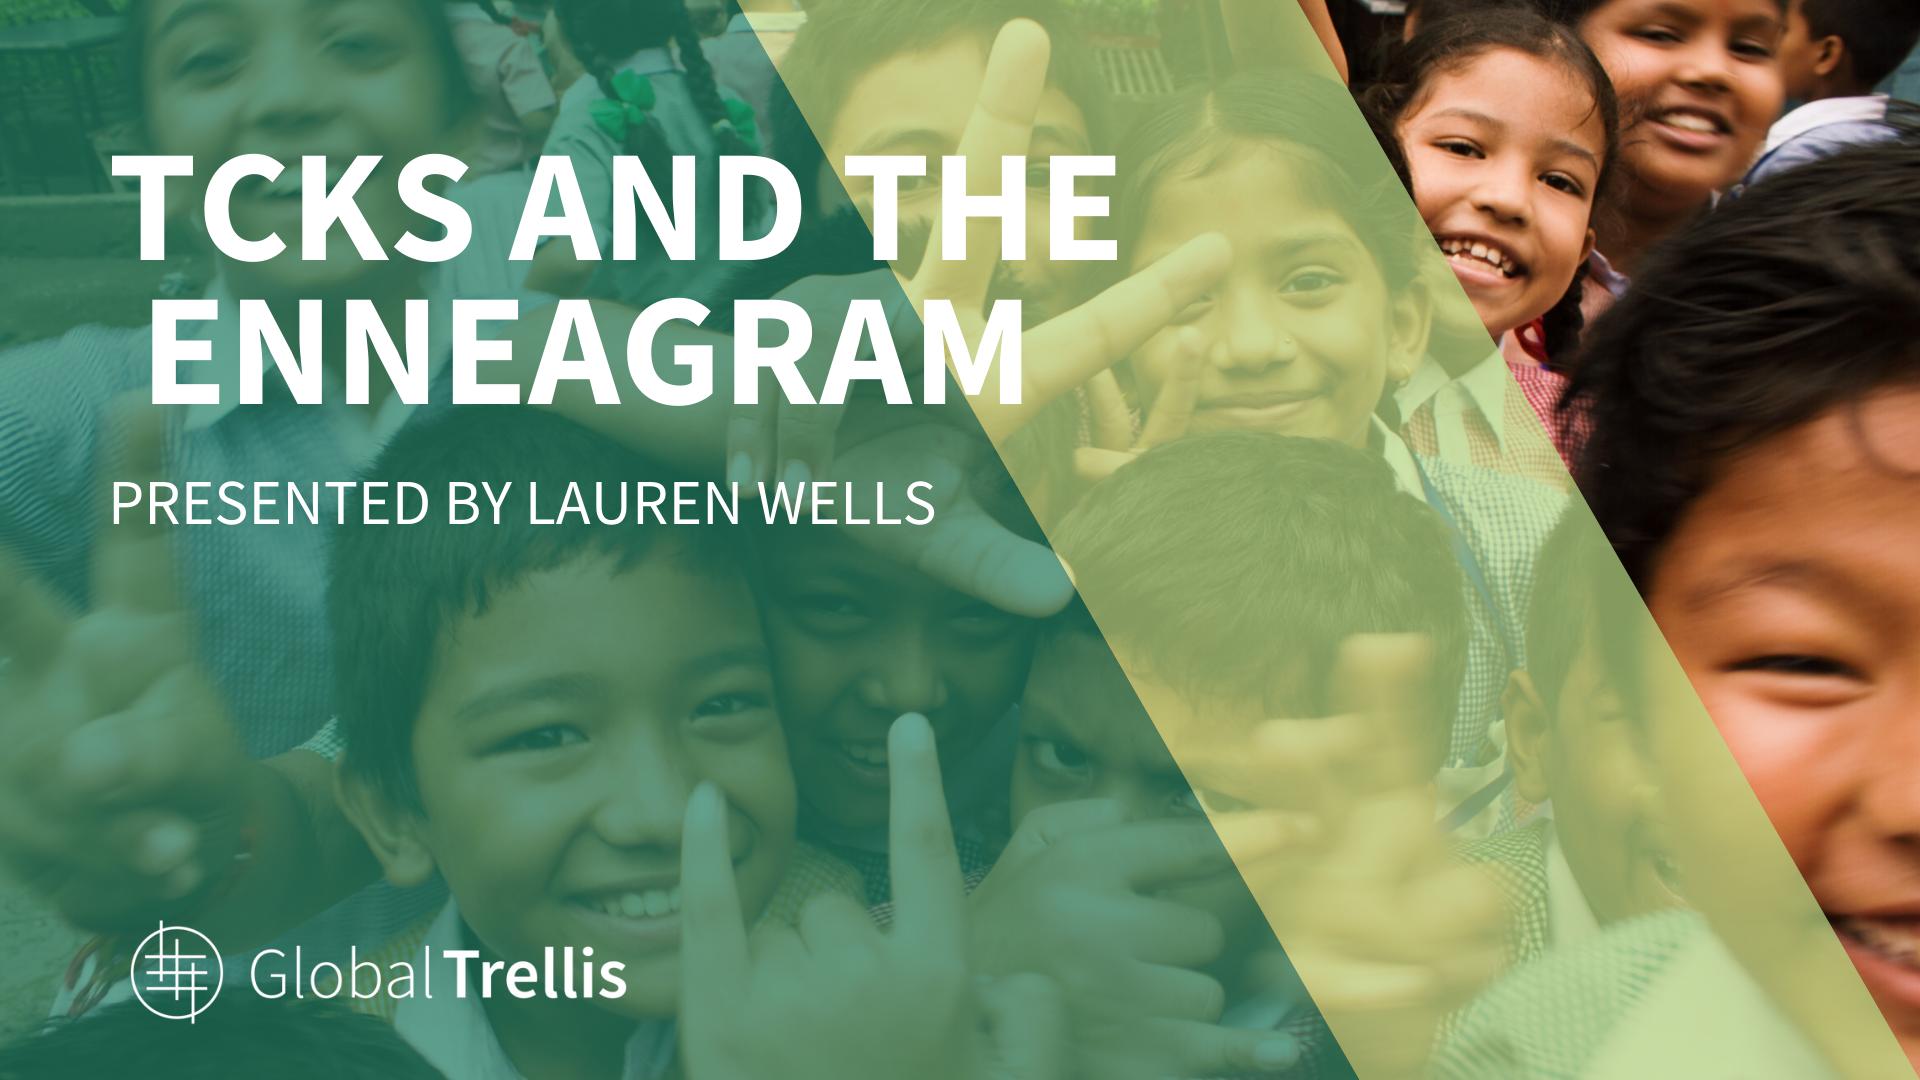 TCKs and the Enneagram